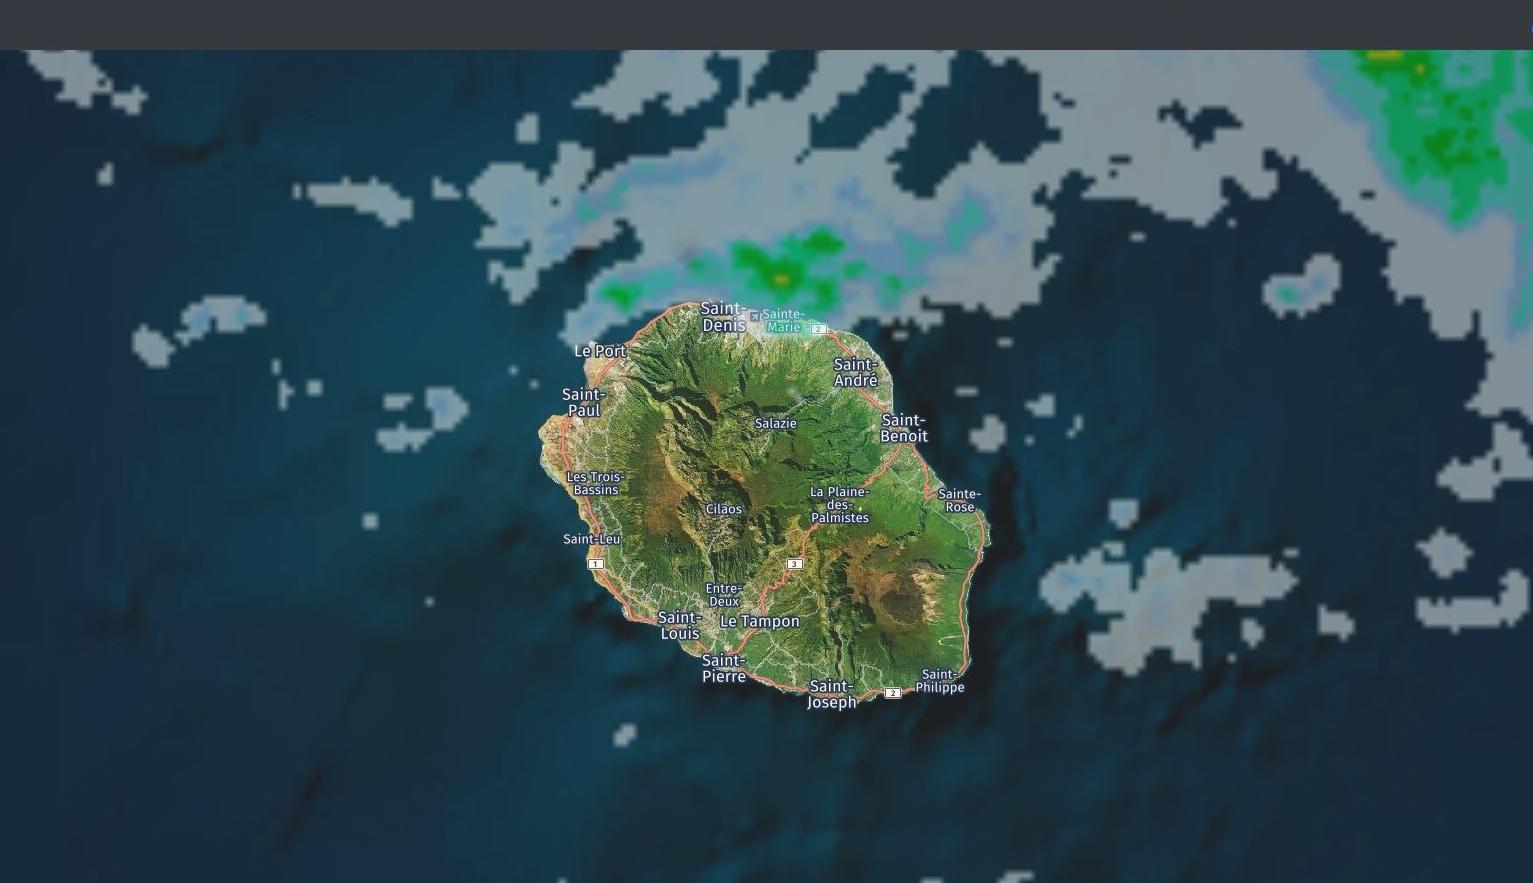 Image radar Météo France Réunion de 08h40. Crédit: https://www.meteoi.re/